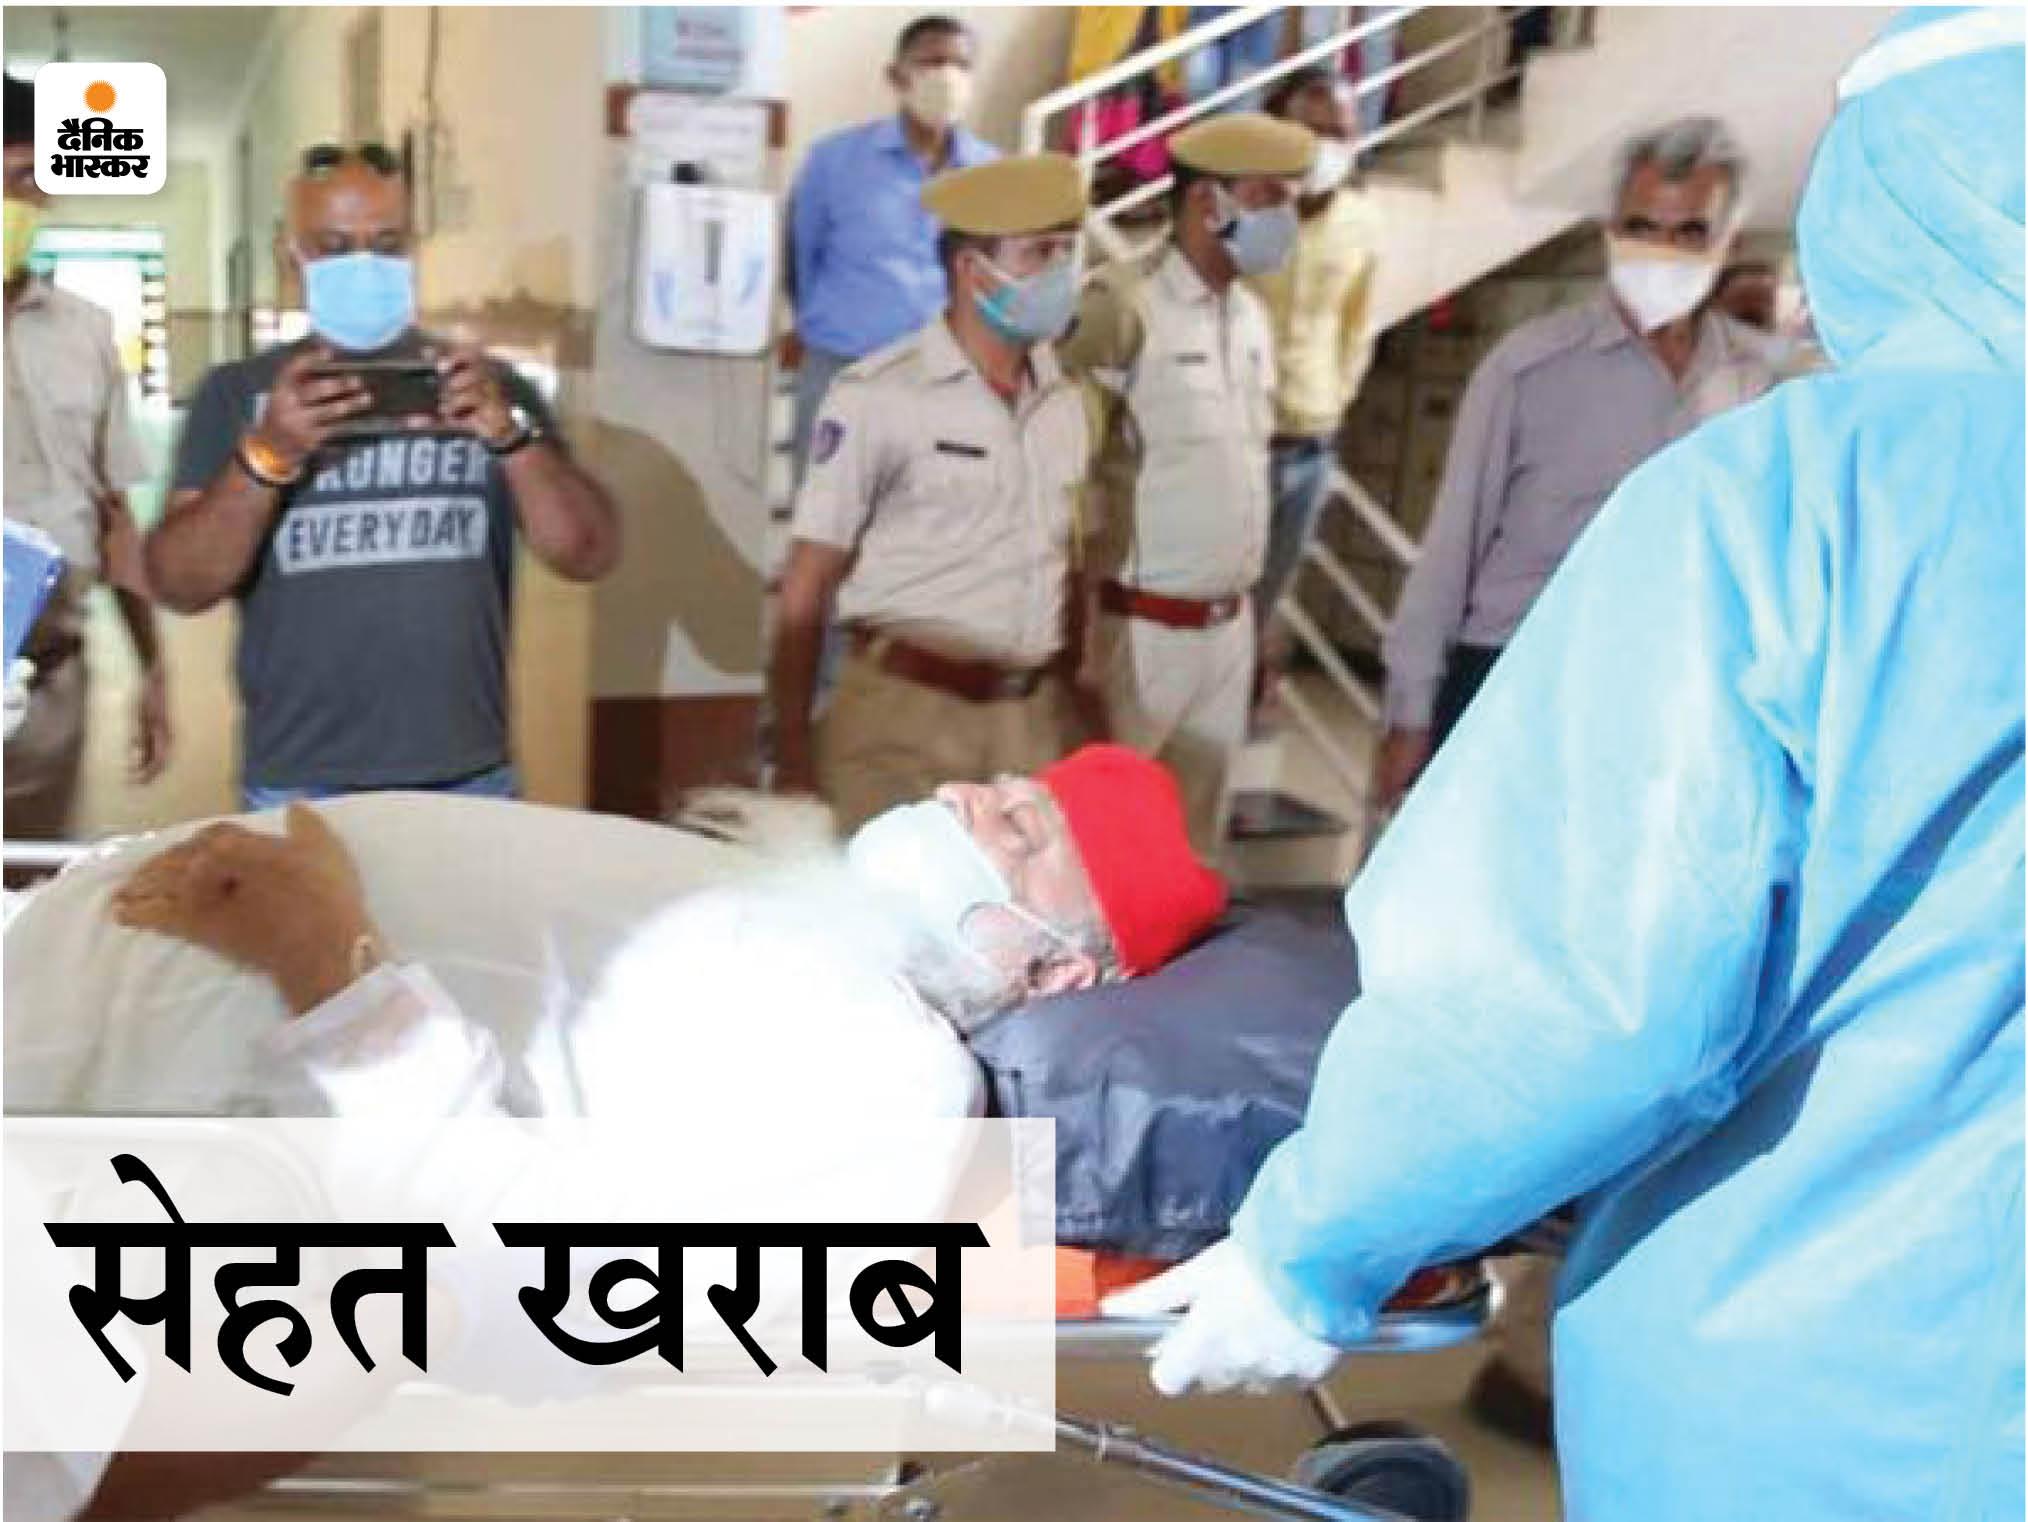 92 पर पहुंचा ऑक्सीजन लेवल; AIIMS जाने से मना किया तो जेल में ही आयुर्वेद डॉक्टर बुलाकर जांच कराई|जोधपुर,Jodhpur - Dainik Bhaskar